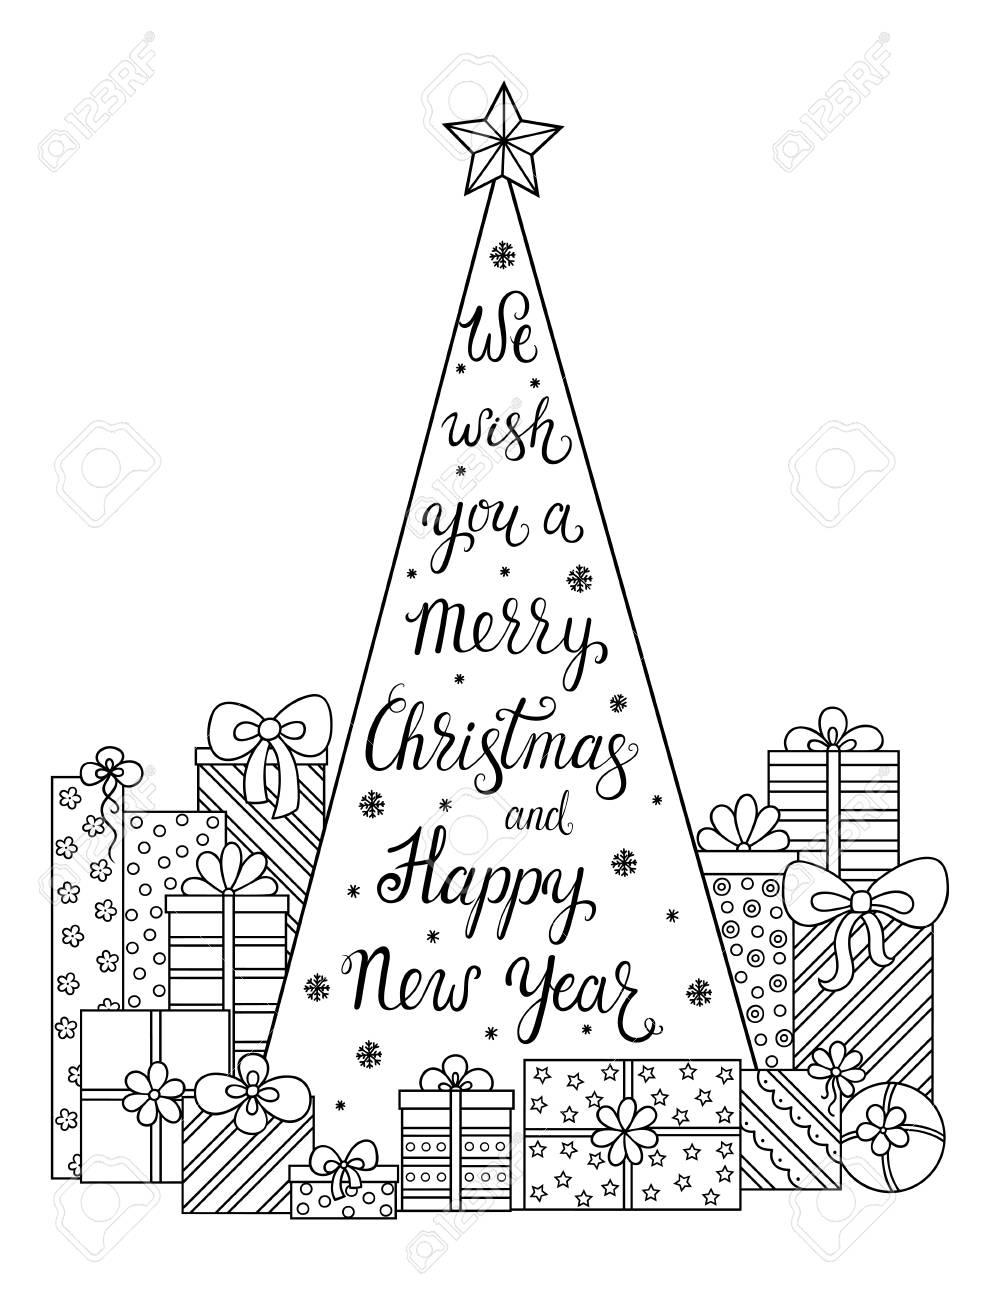 Gekritzel-Muster. Wir Wünschen Ihnen Frohe Weihnachten Und Ein ...